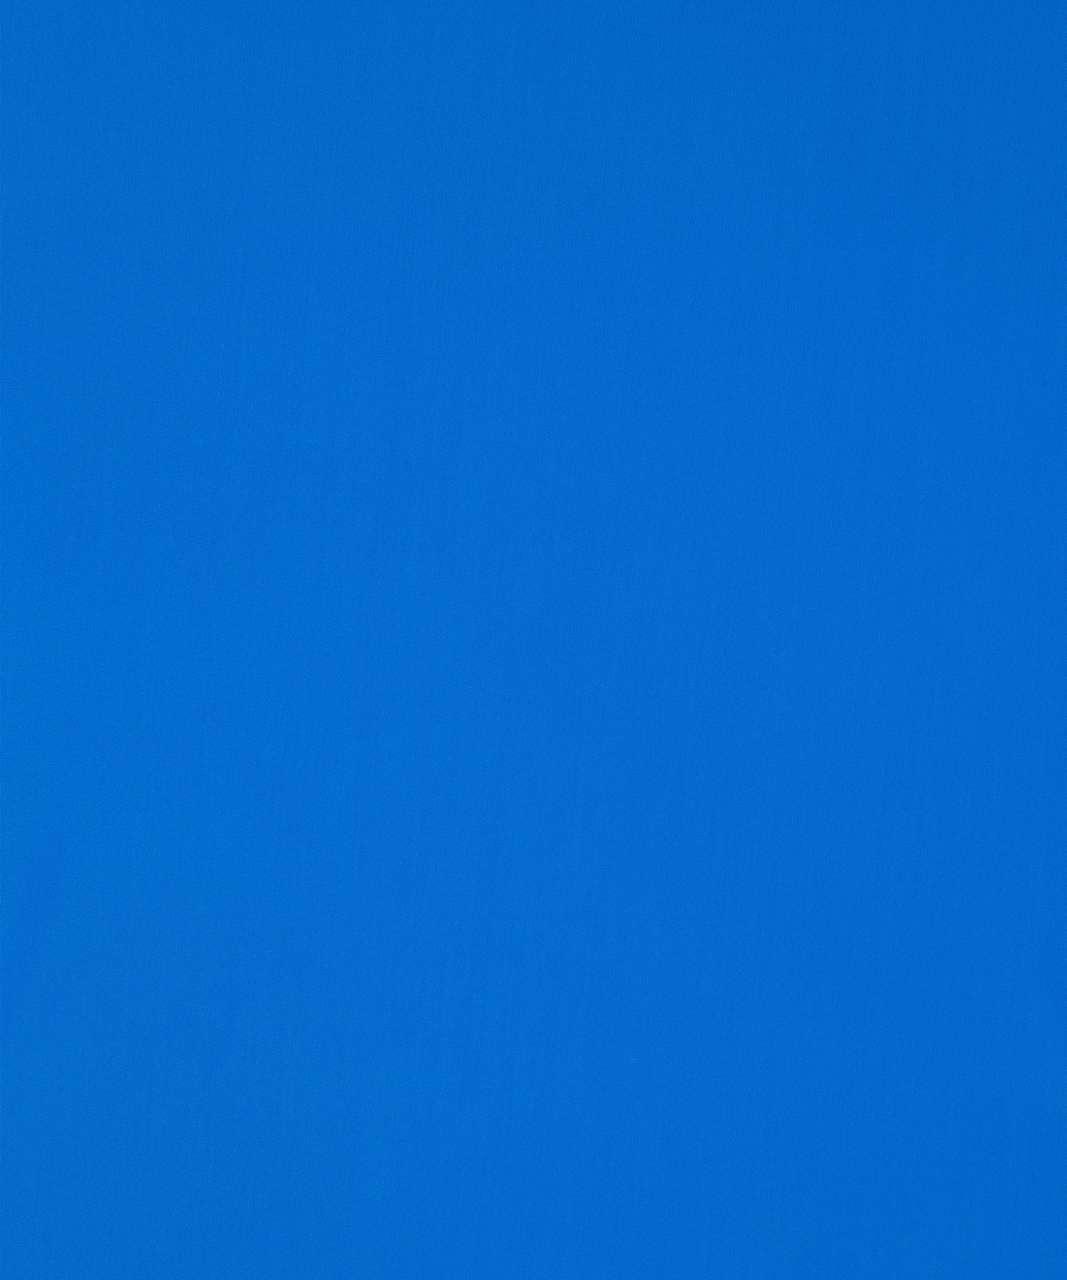 Lululemon Coastline Bottom - Amalfi Blue